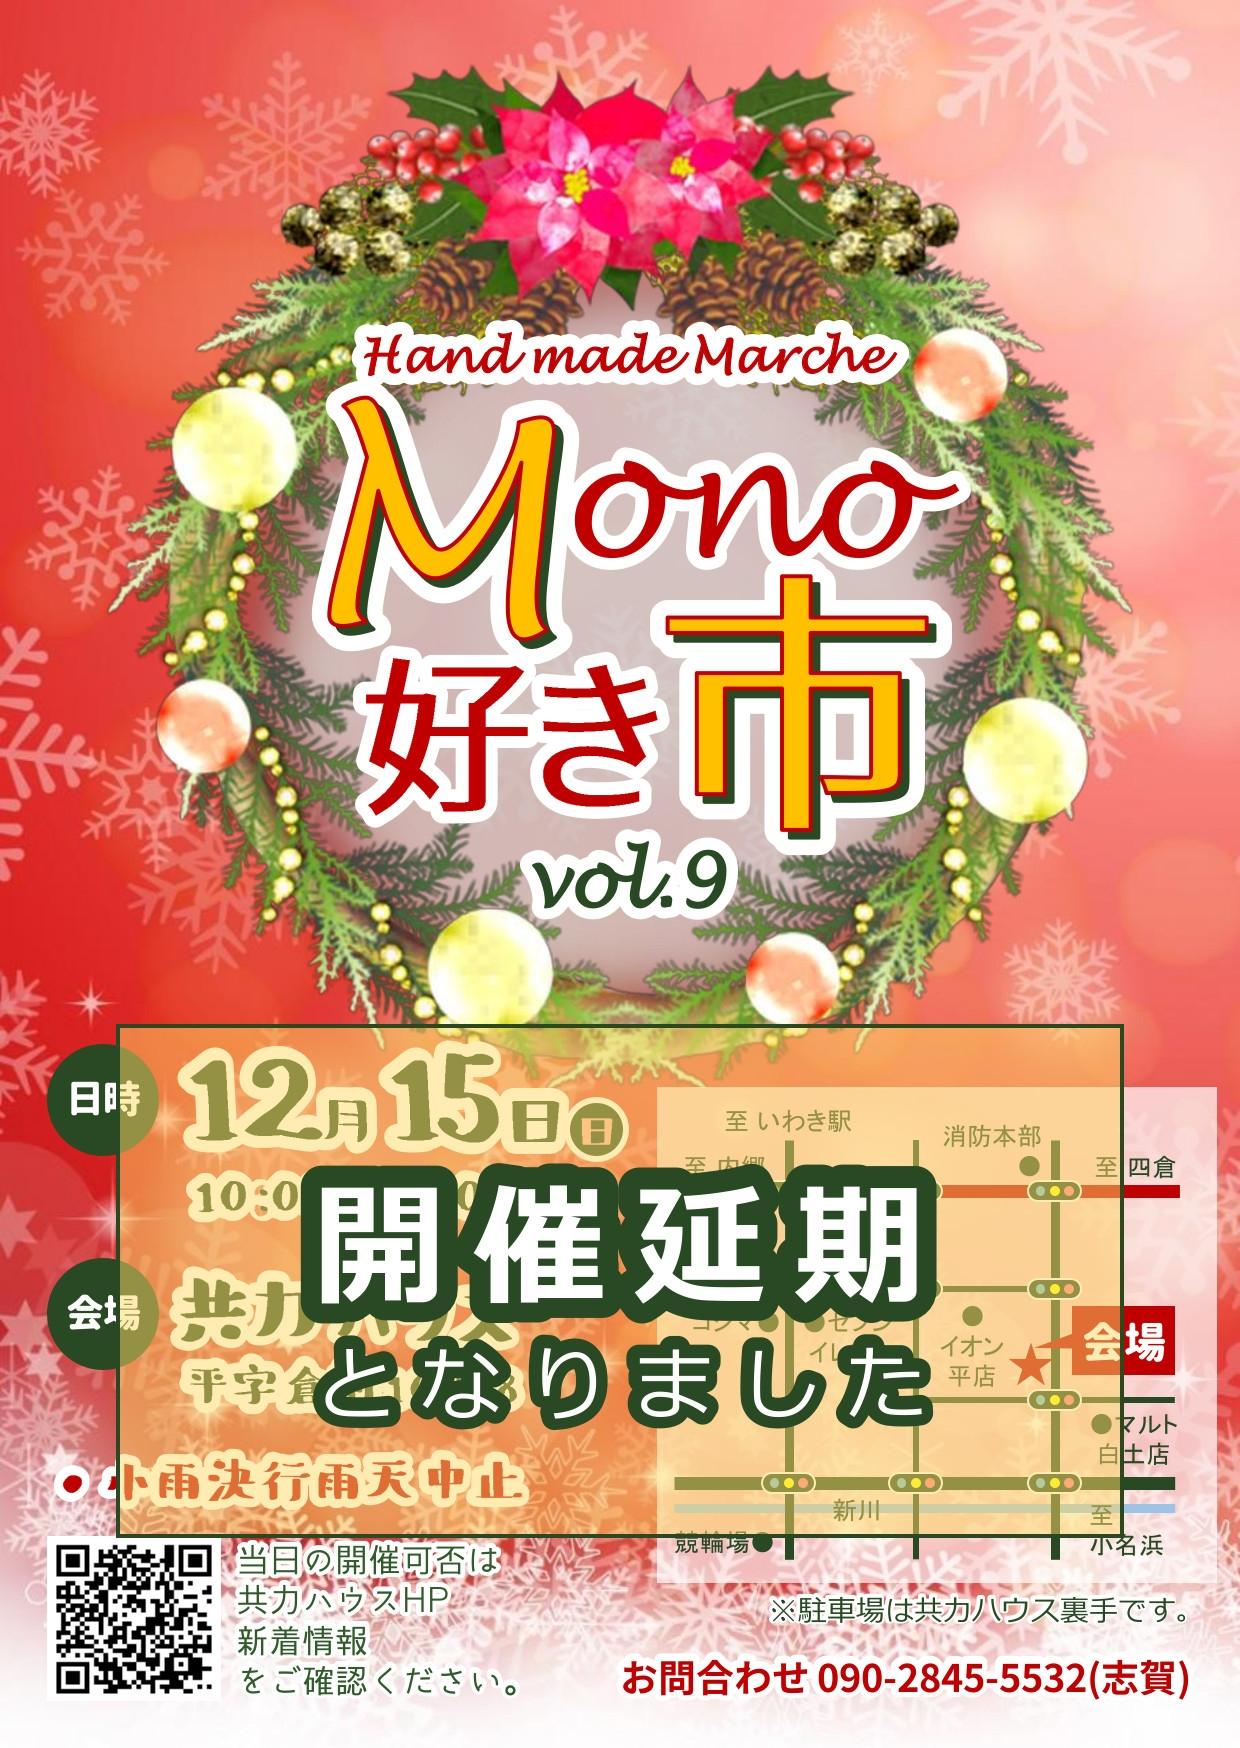 ハンドメイドマルシェMono好き市 vol.9開催延期のお知らせ